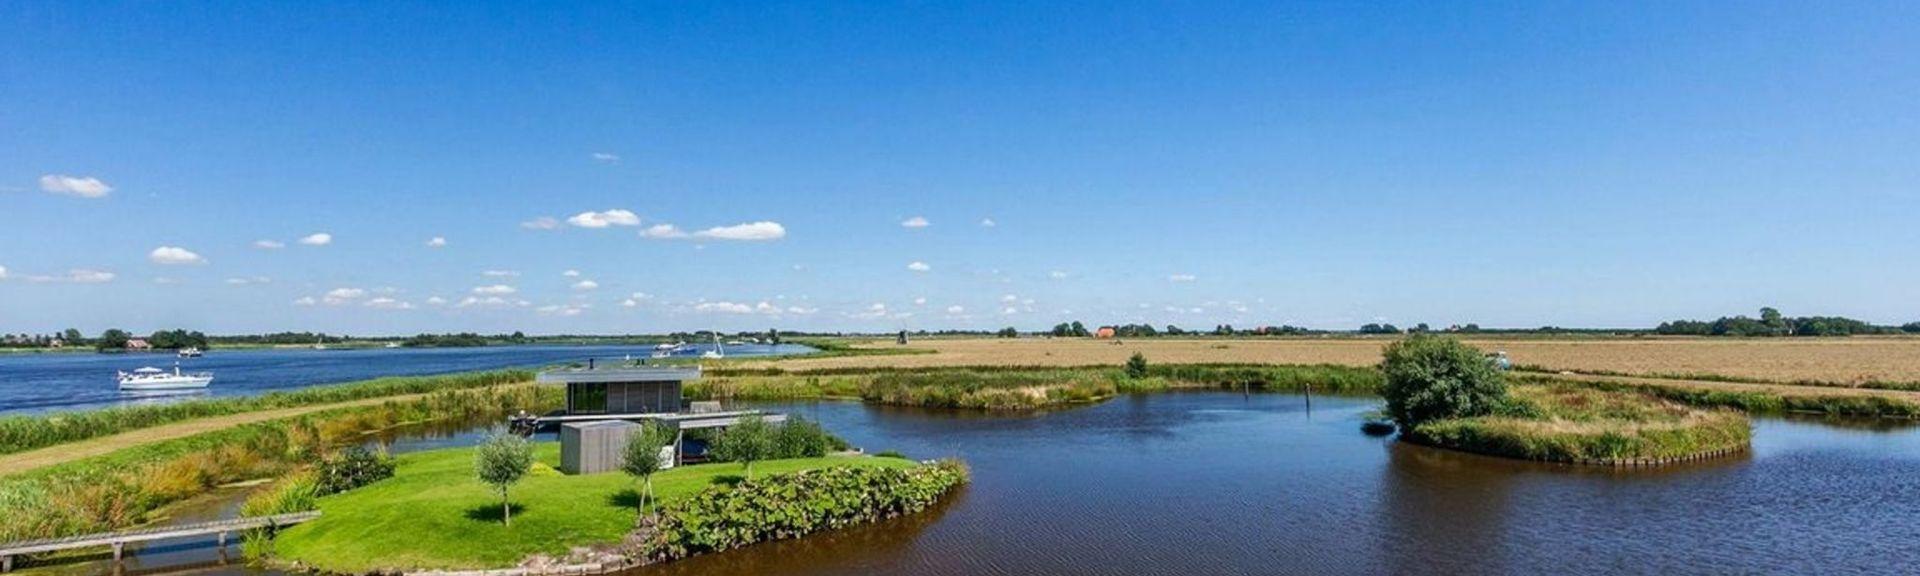 Uitwellingerga, Friesland, Niederlande